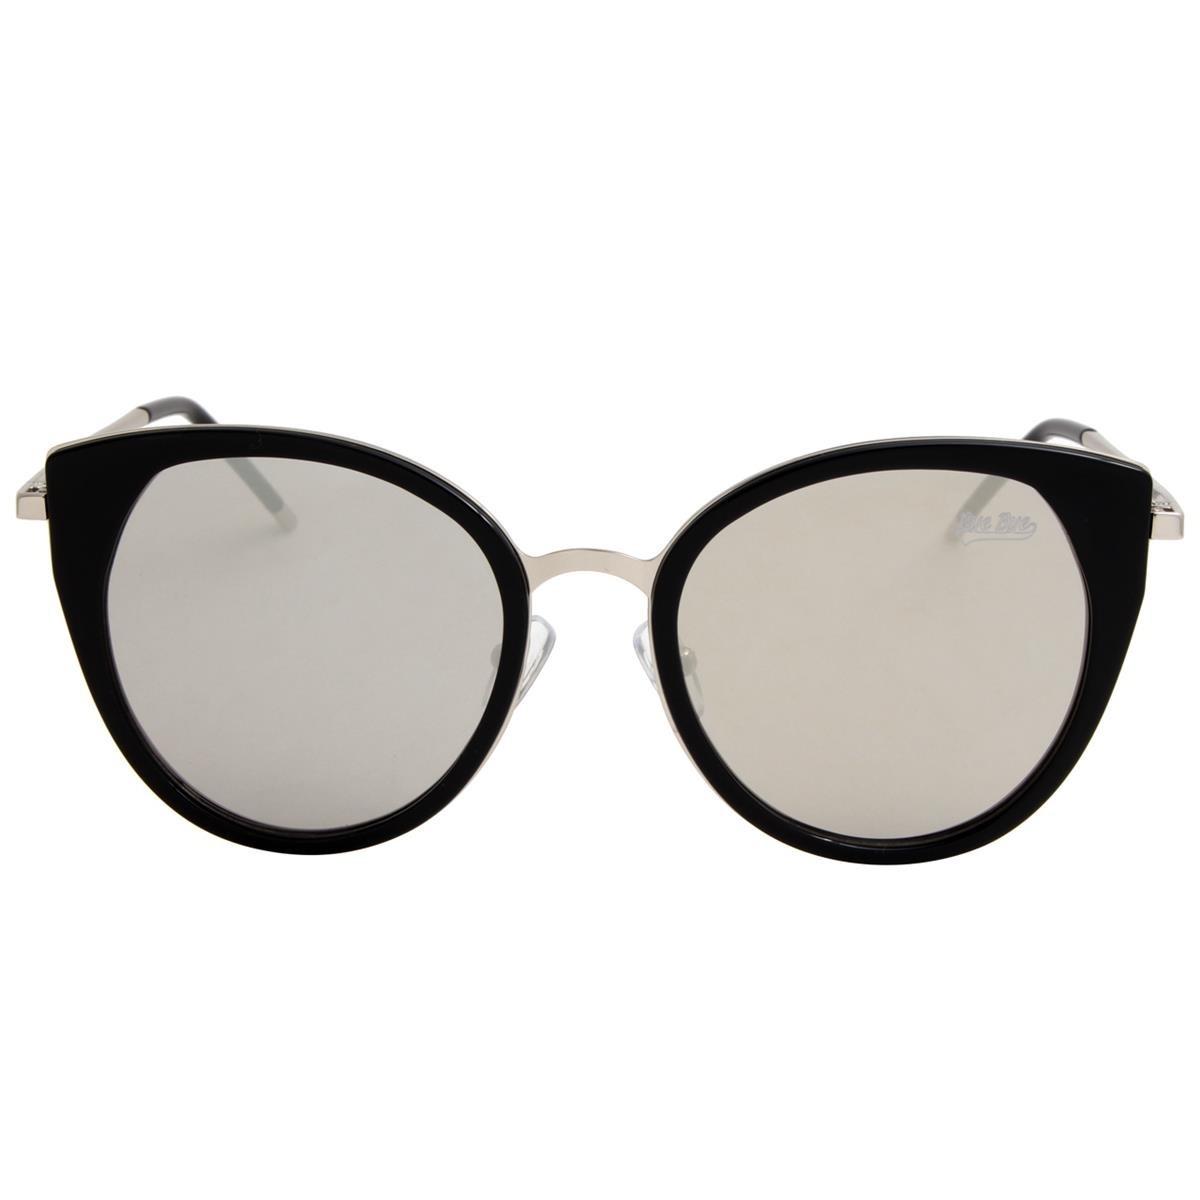 Óculos De Sol Feminino Gatinho Preto Espelhado - R  149,90 em ... 71625ffd39